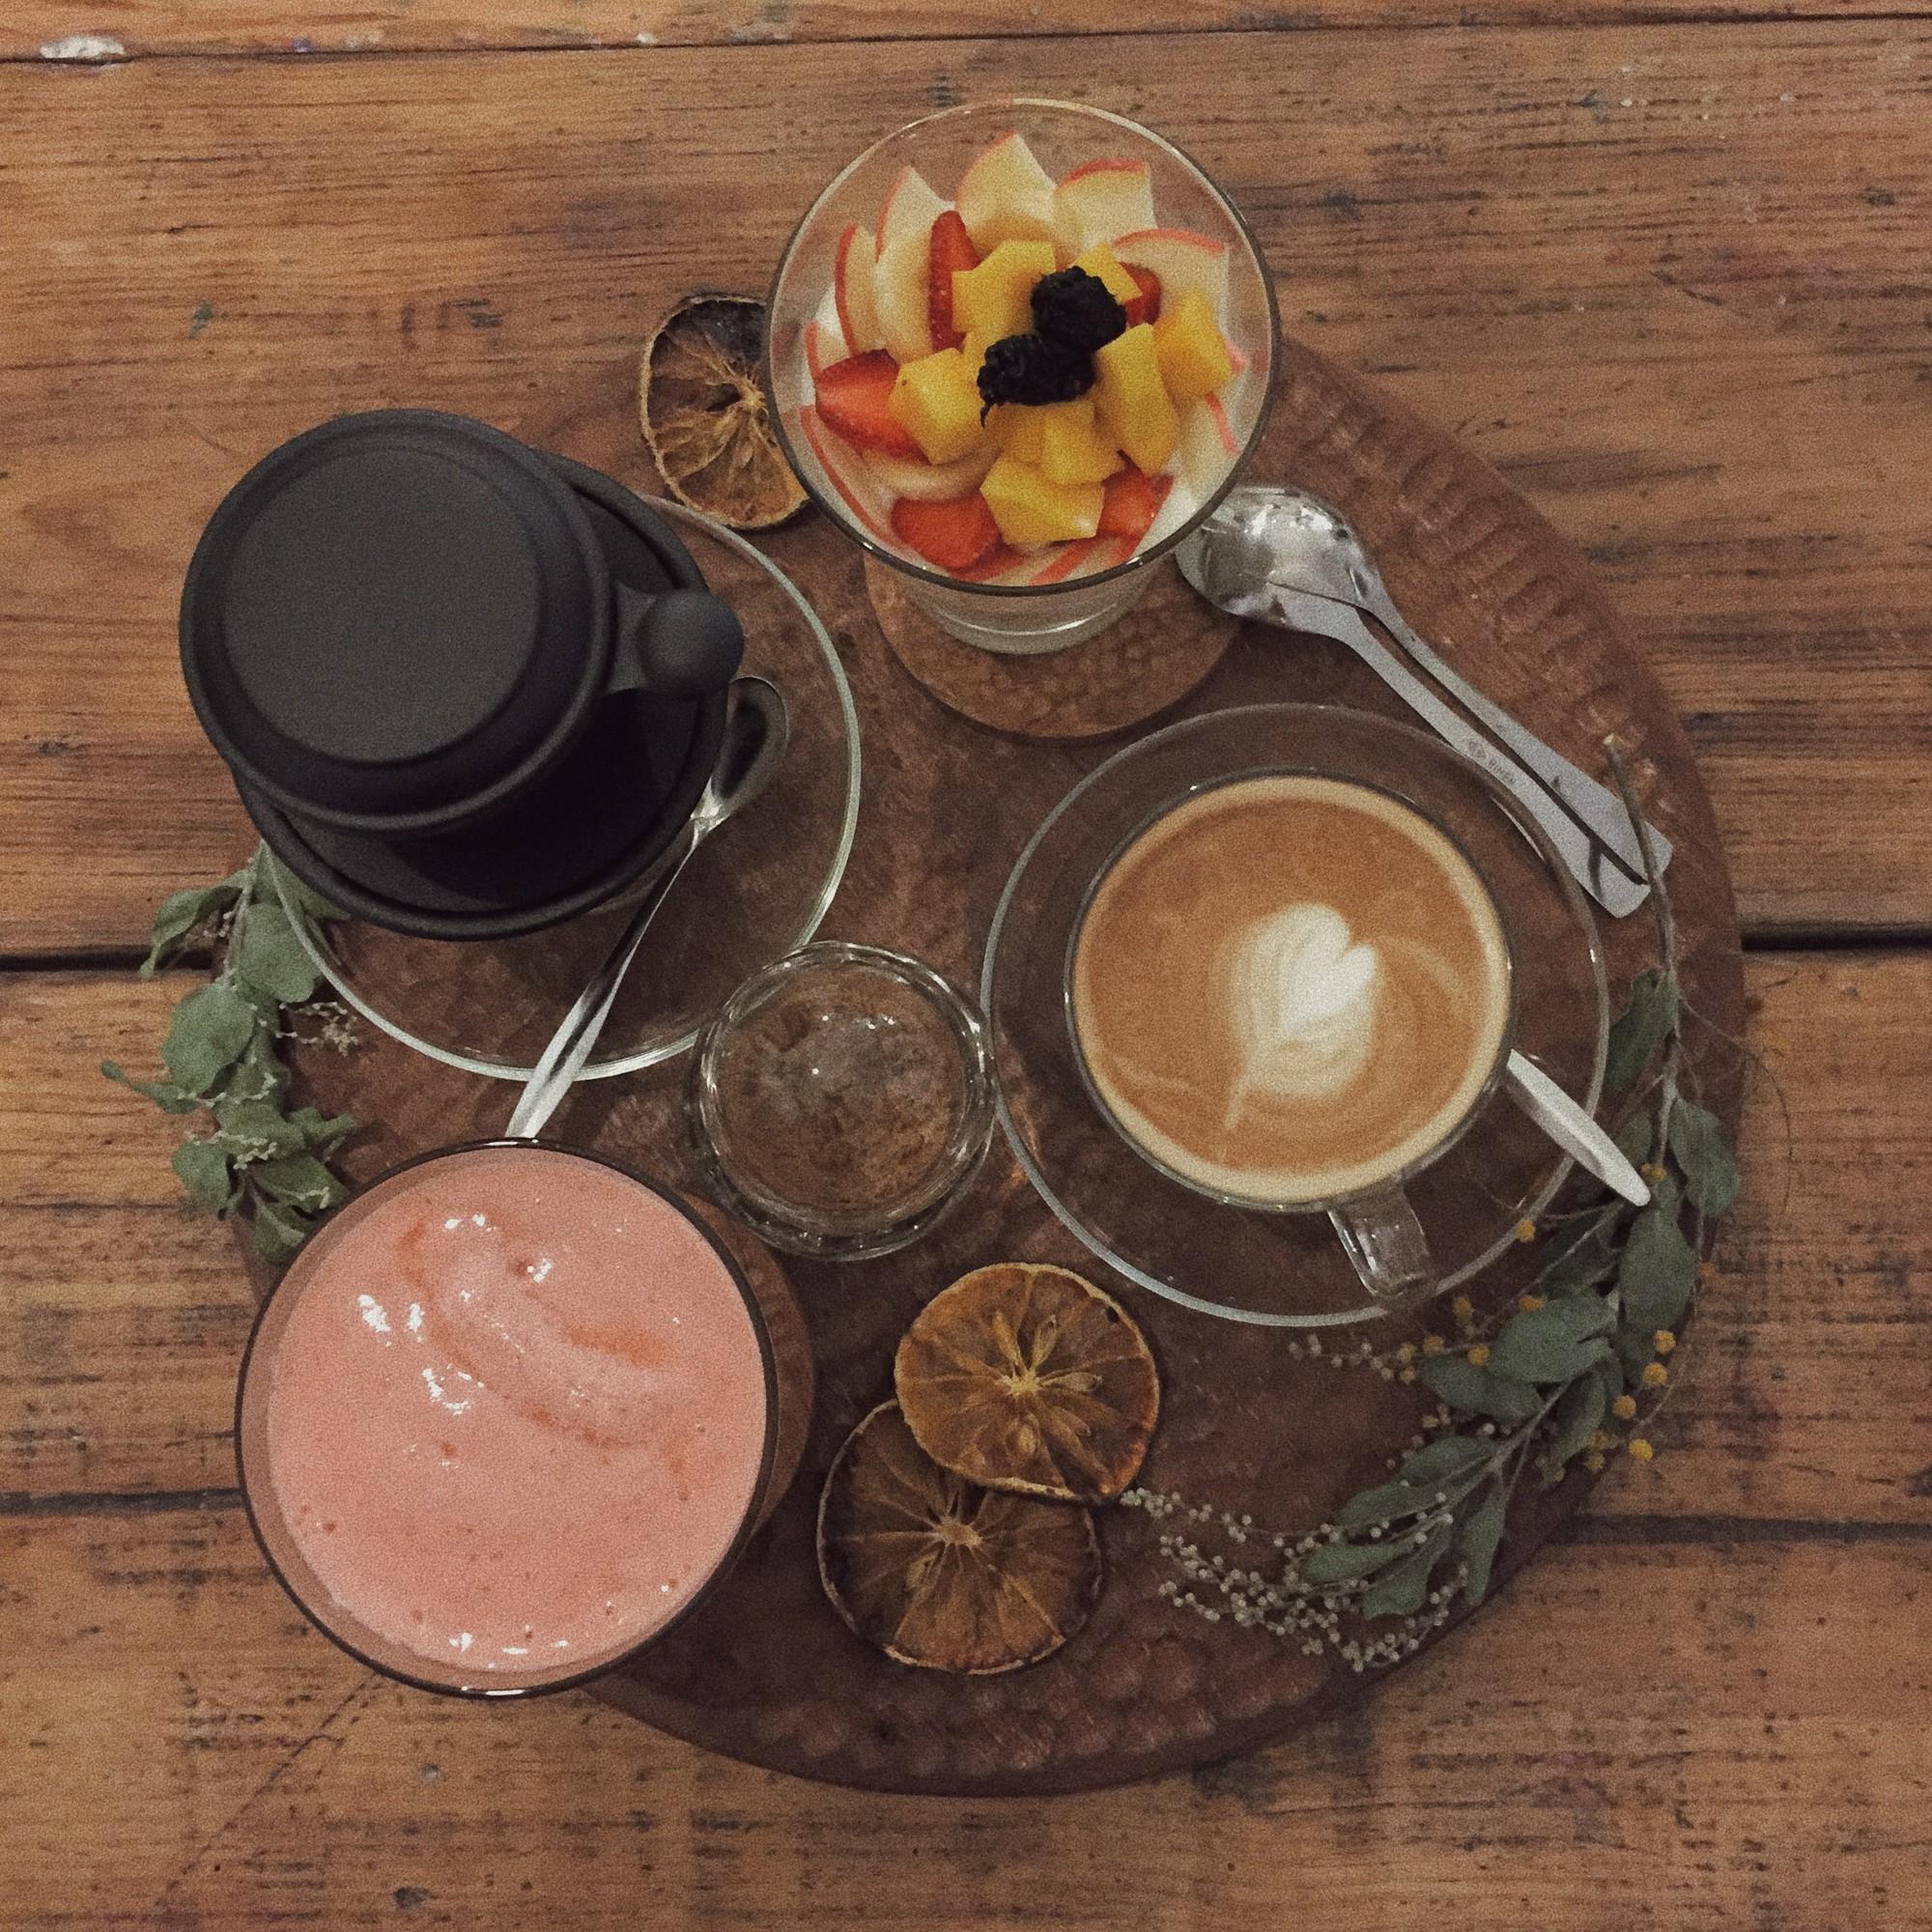 Mùa nào thì Đà Lạt cũng không thiếu những quán cà phê xinh xắn để bạn tha hồ lê la cả ngày không chán - Ảnh 18.